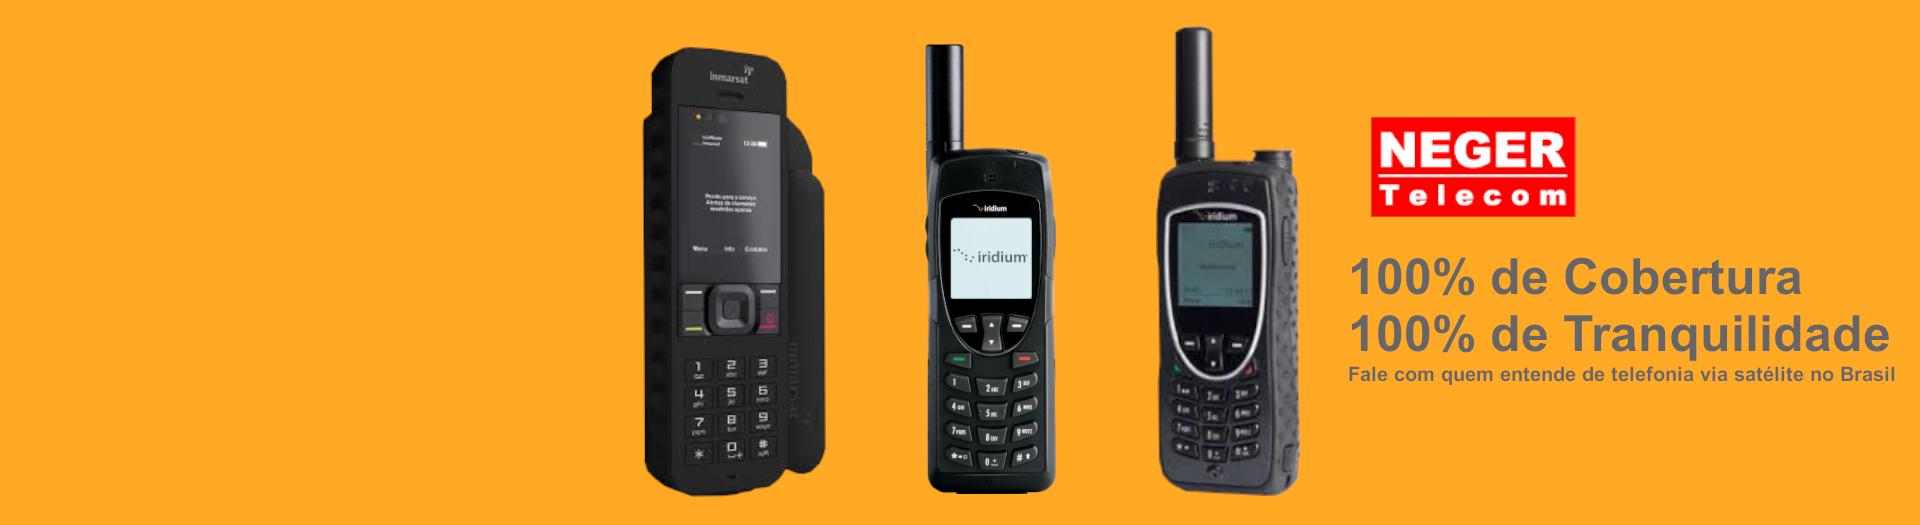 telefonia via satélite globalstar - neger telecom